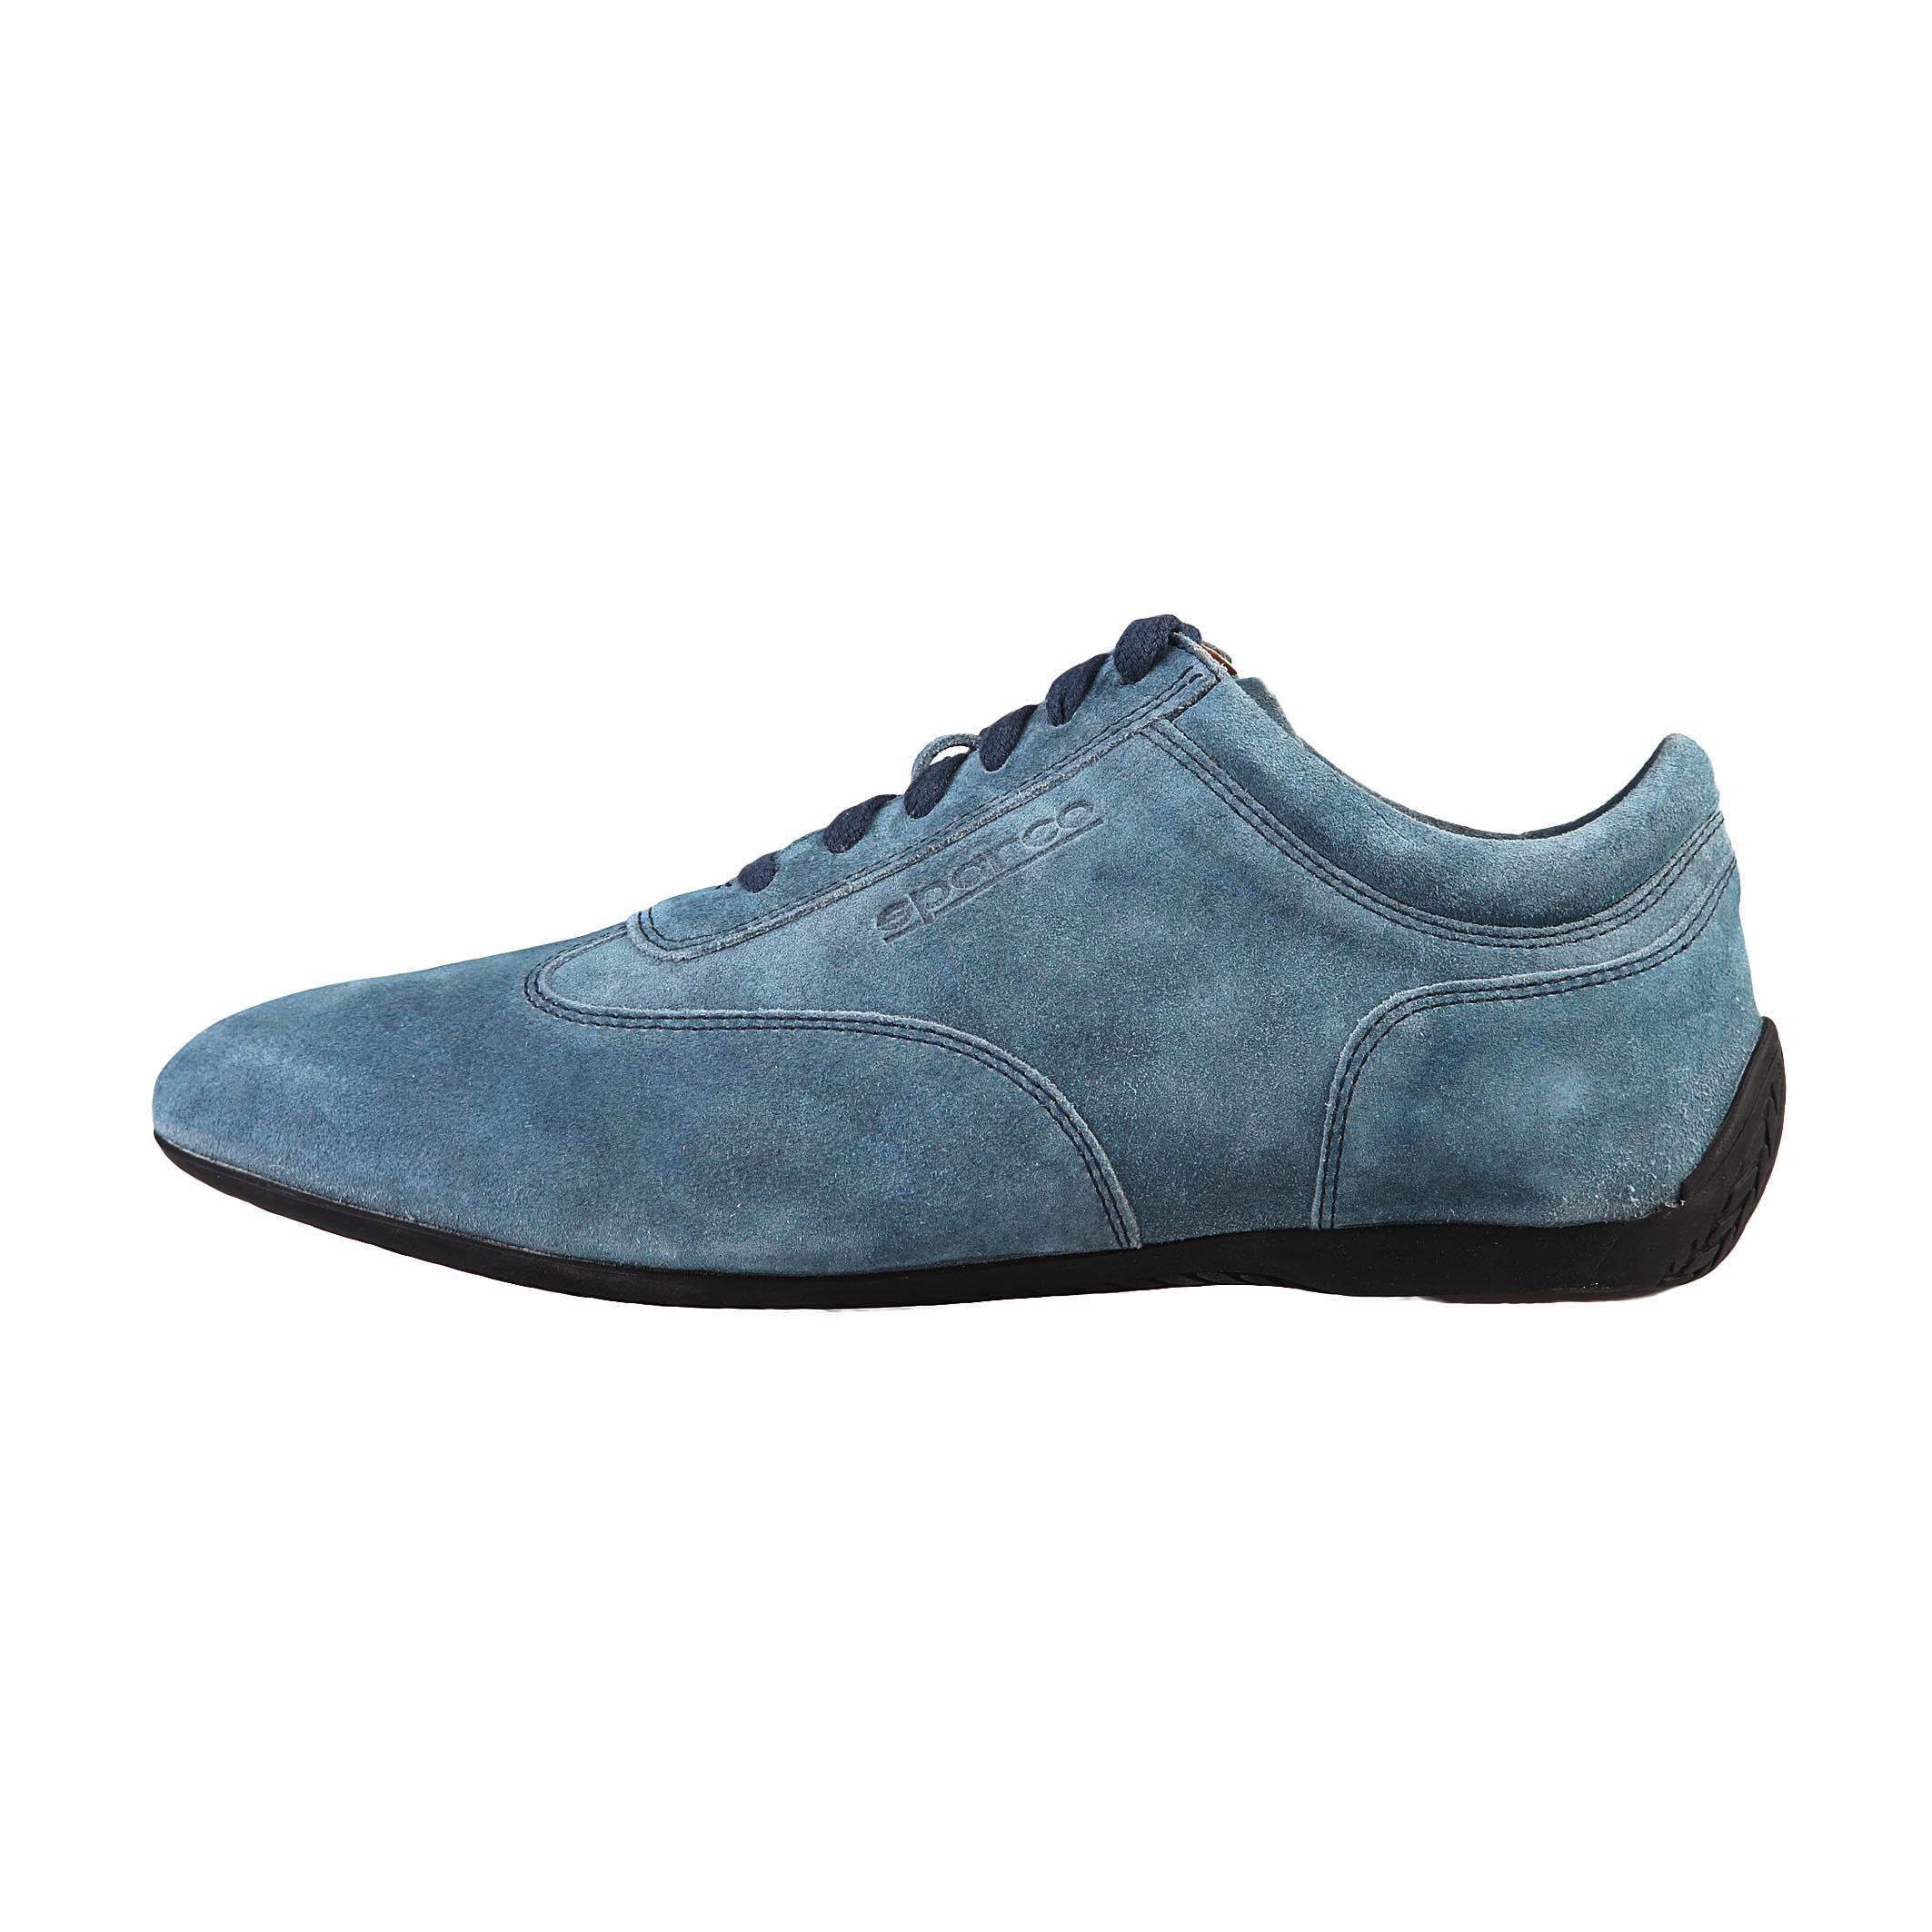 Sparco Shoes Australia